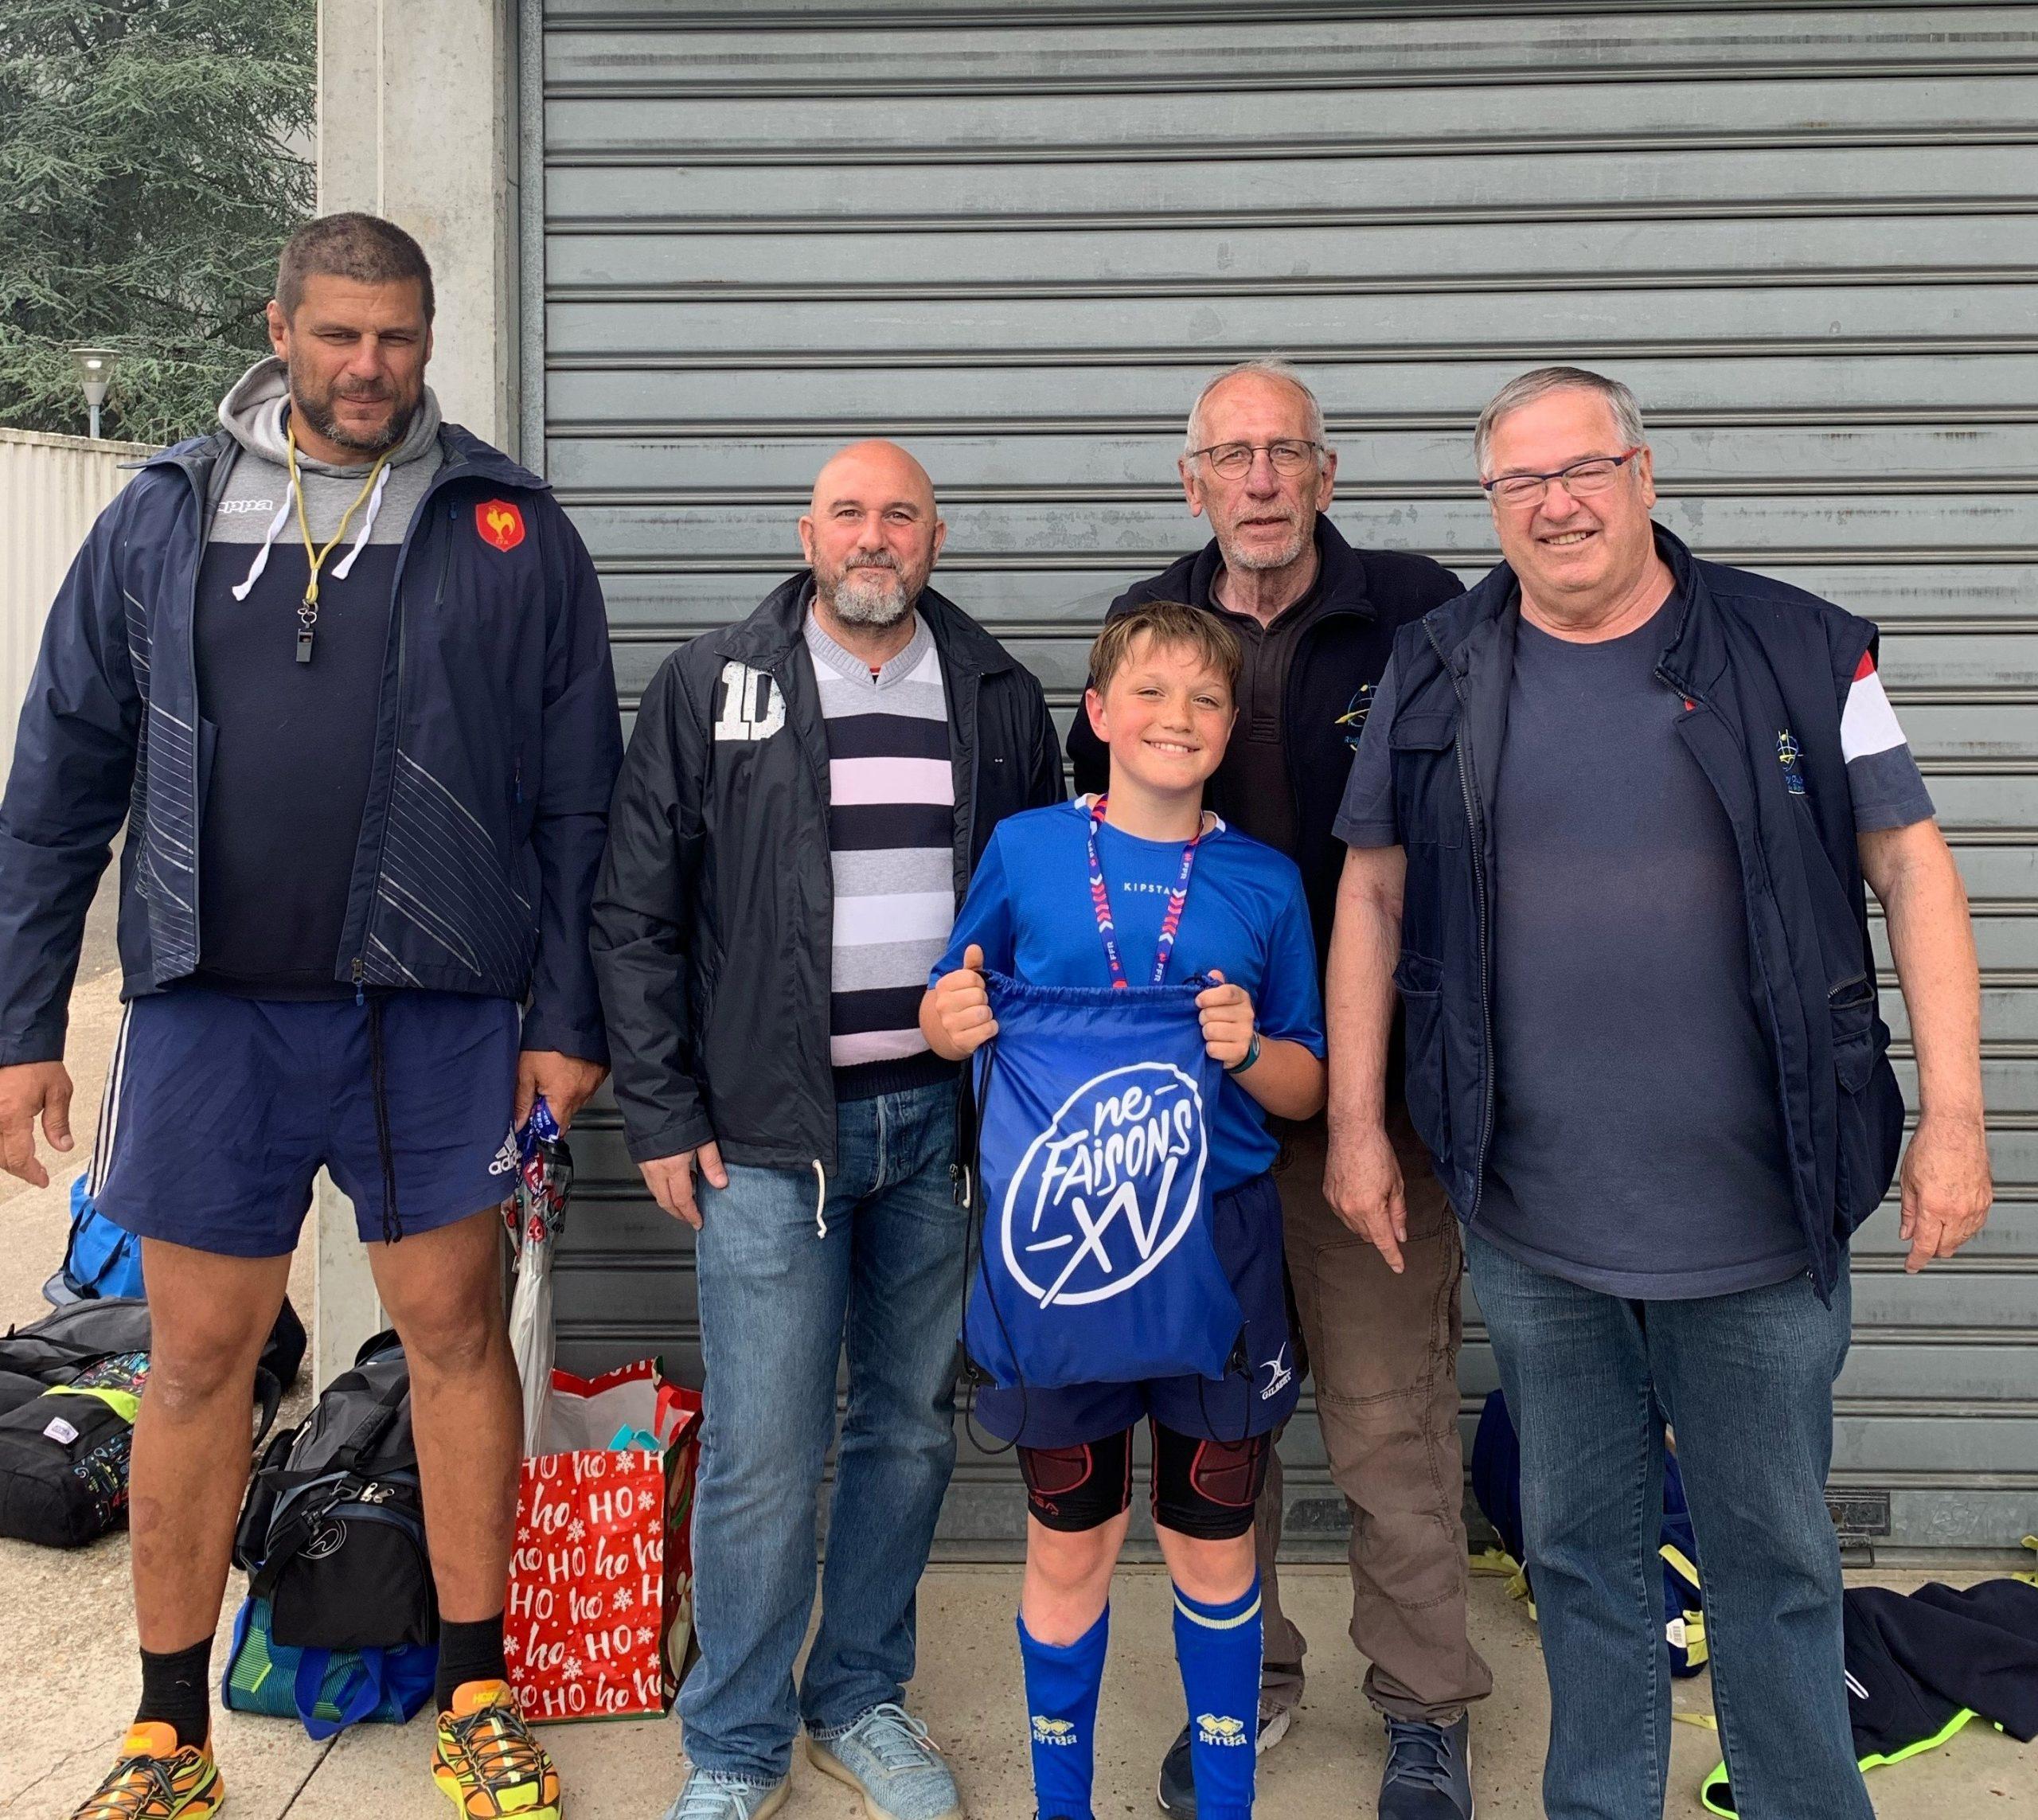 Baptiste, des M12 du Rugby Club de Blois, gagne le Quizz Ecole de Rugby